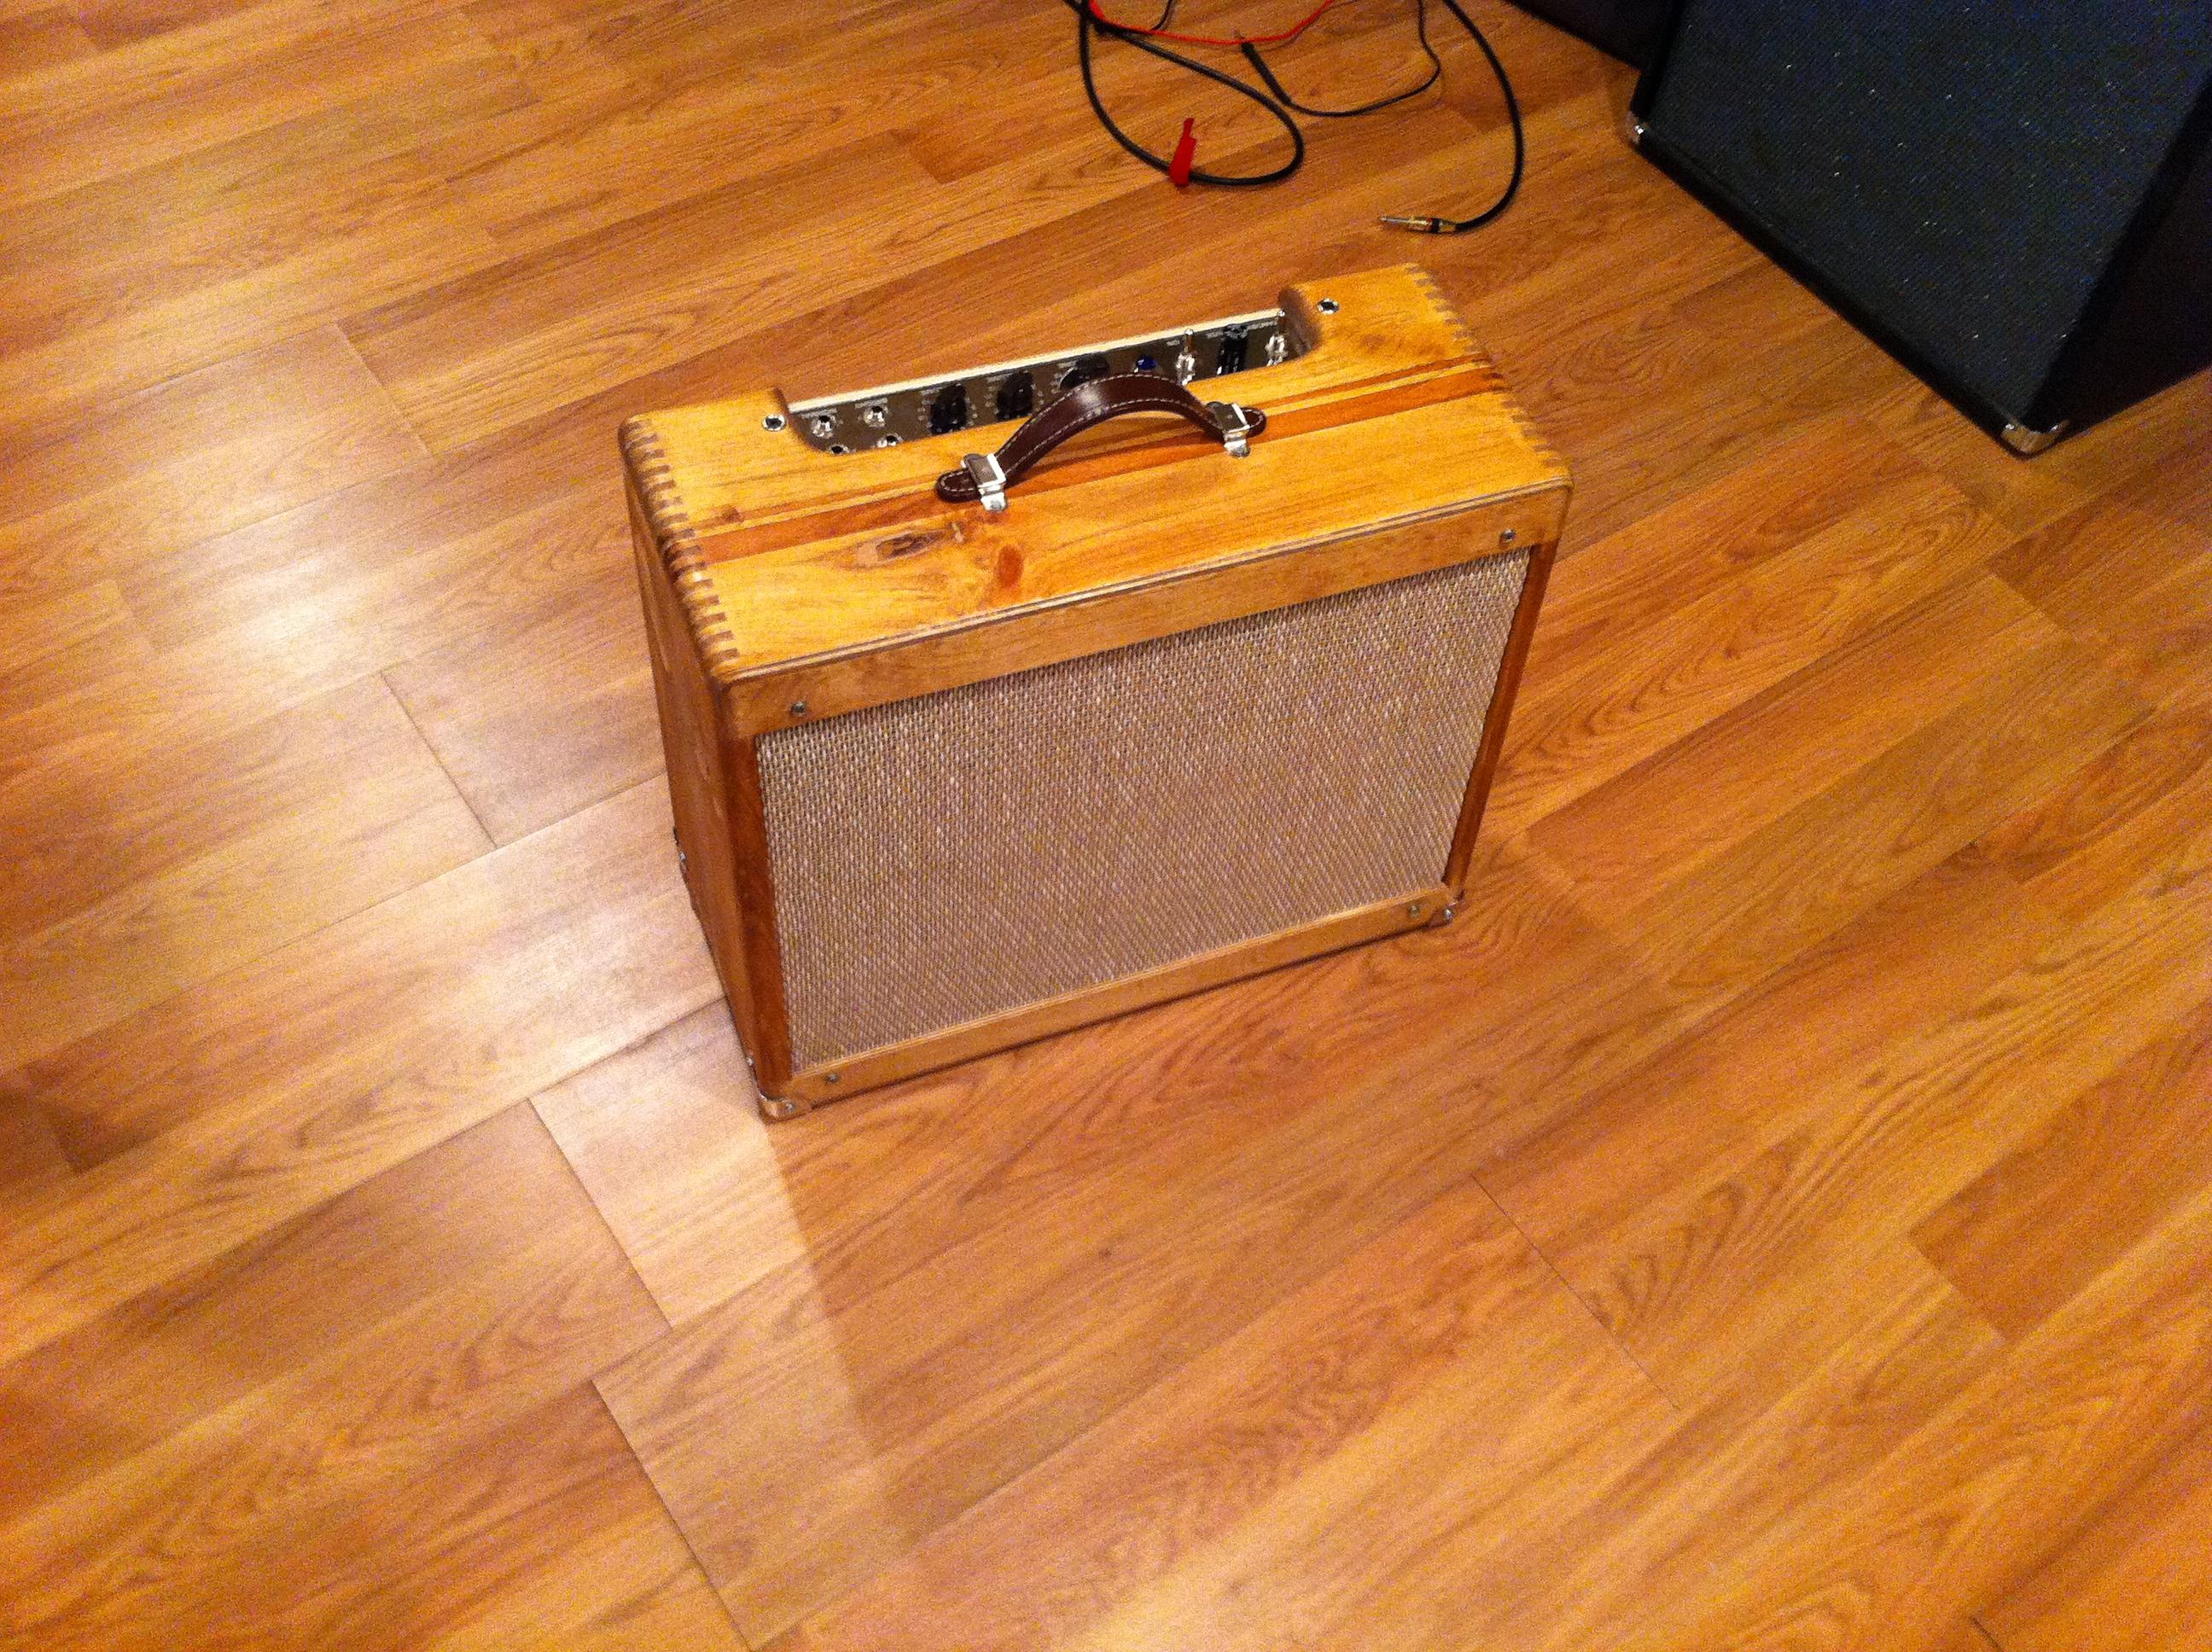 Fender 5e3 Deluxe Amp Build